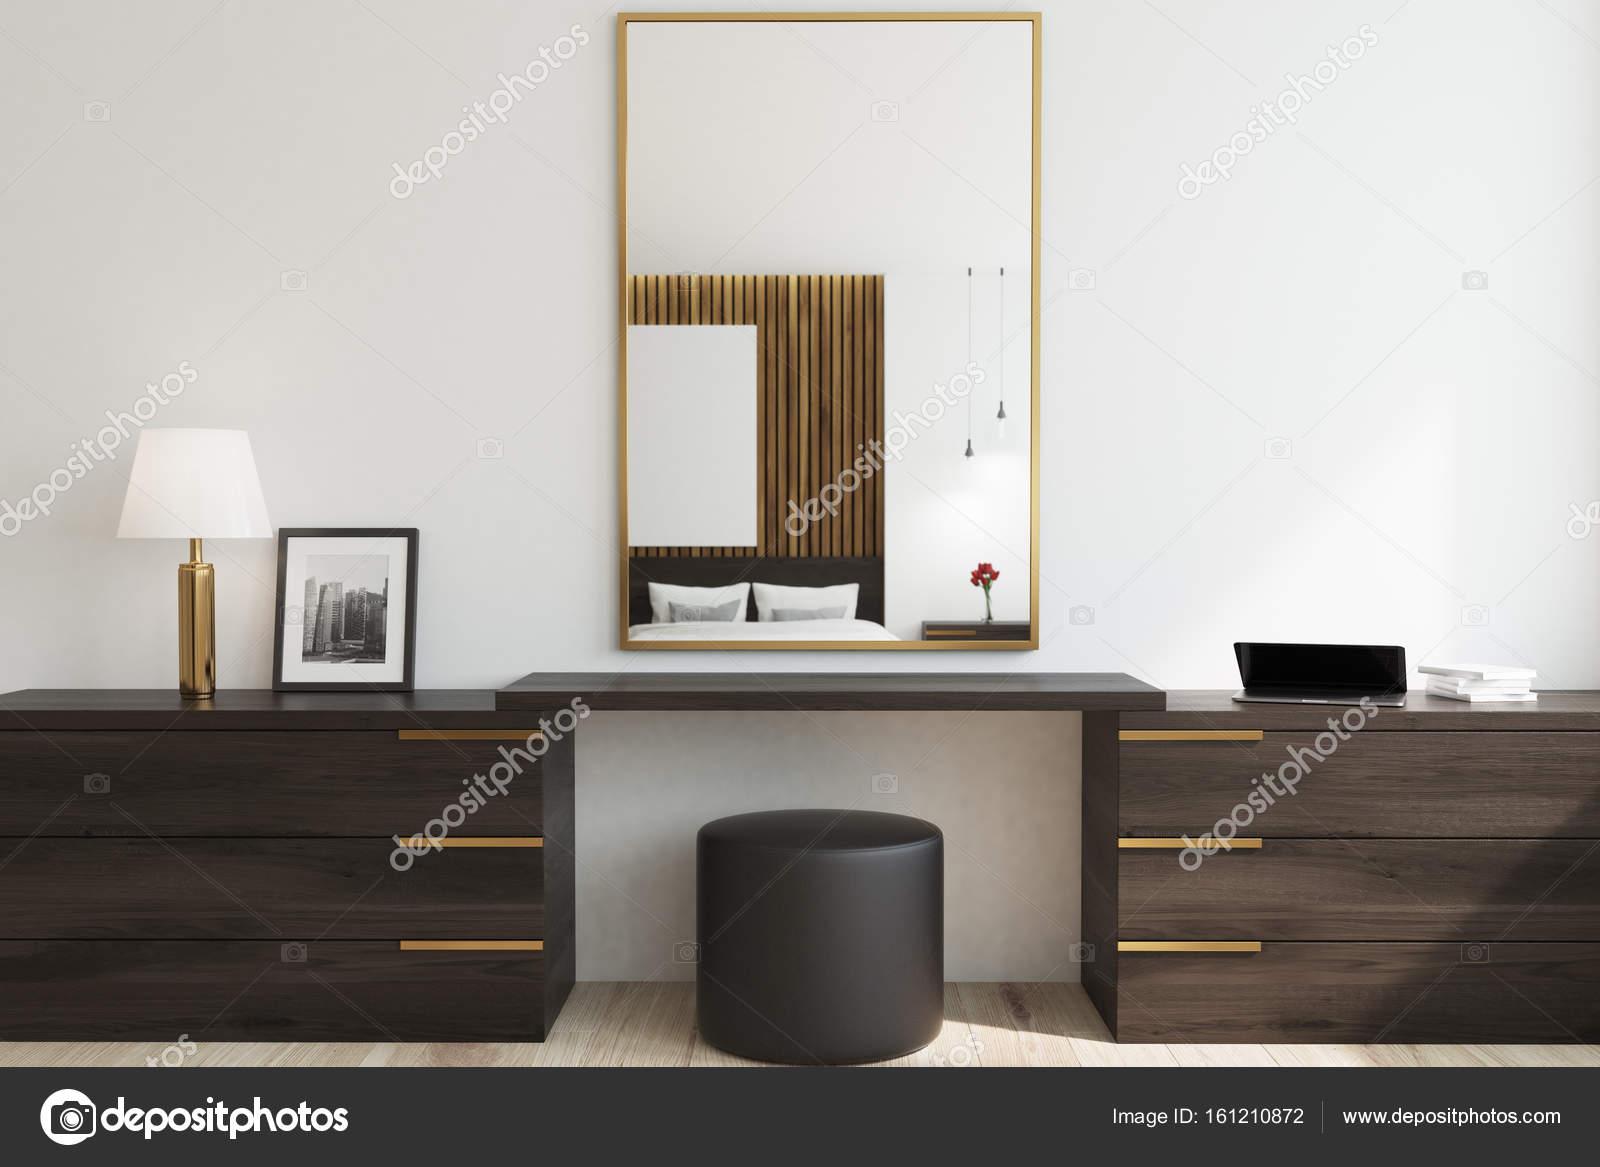 Hölzerne Schlafzimmer, Spiegel für Make-up — Stockfoto ...